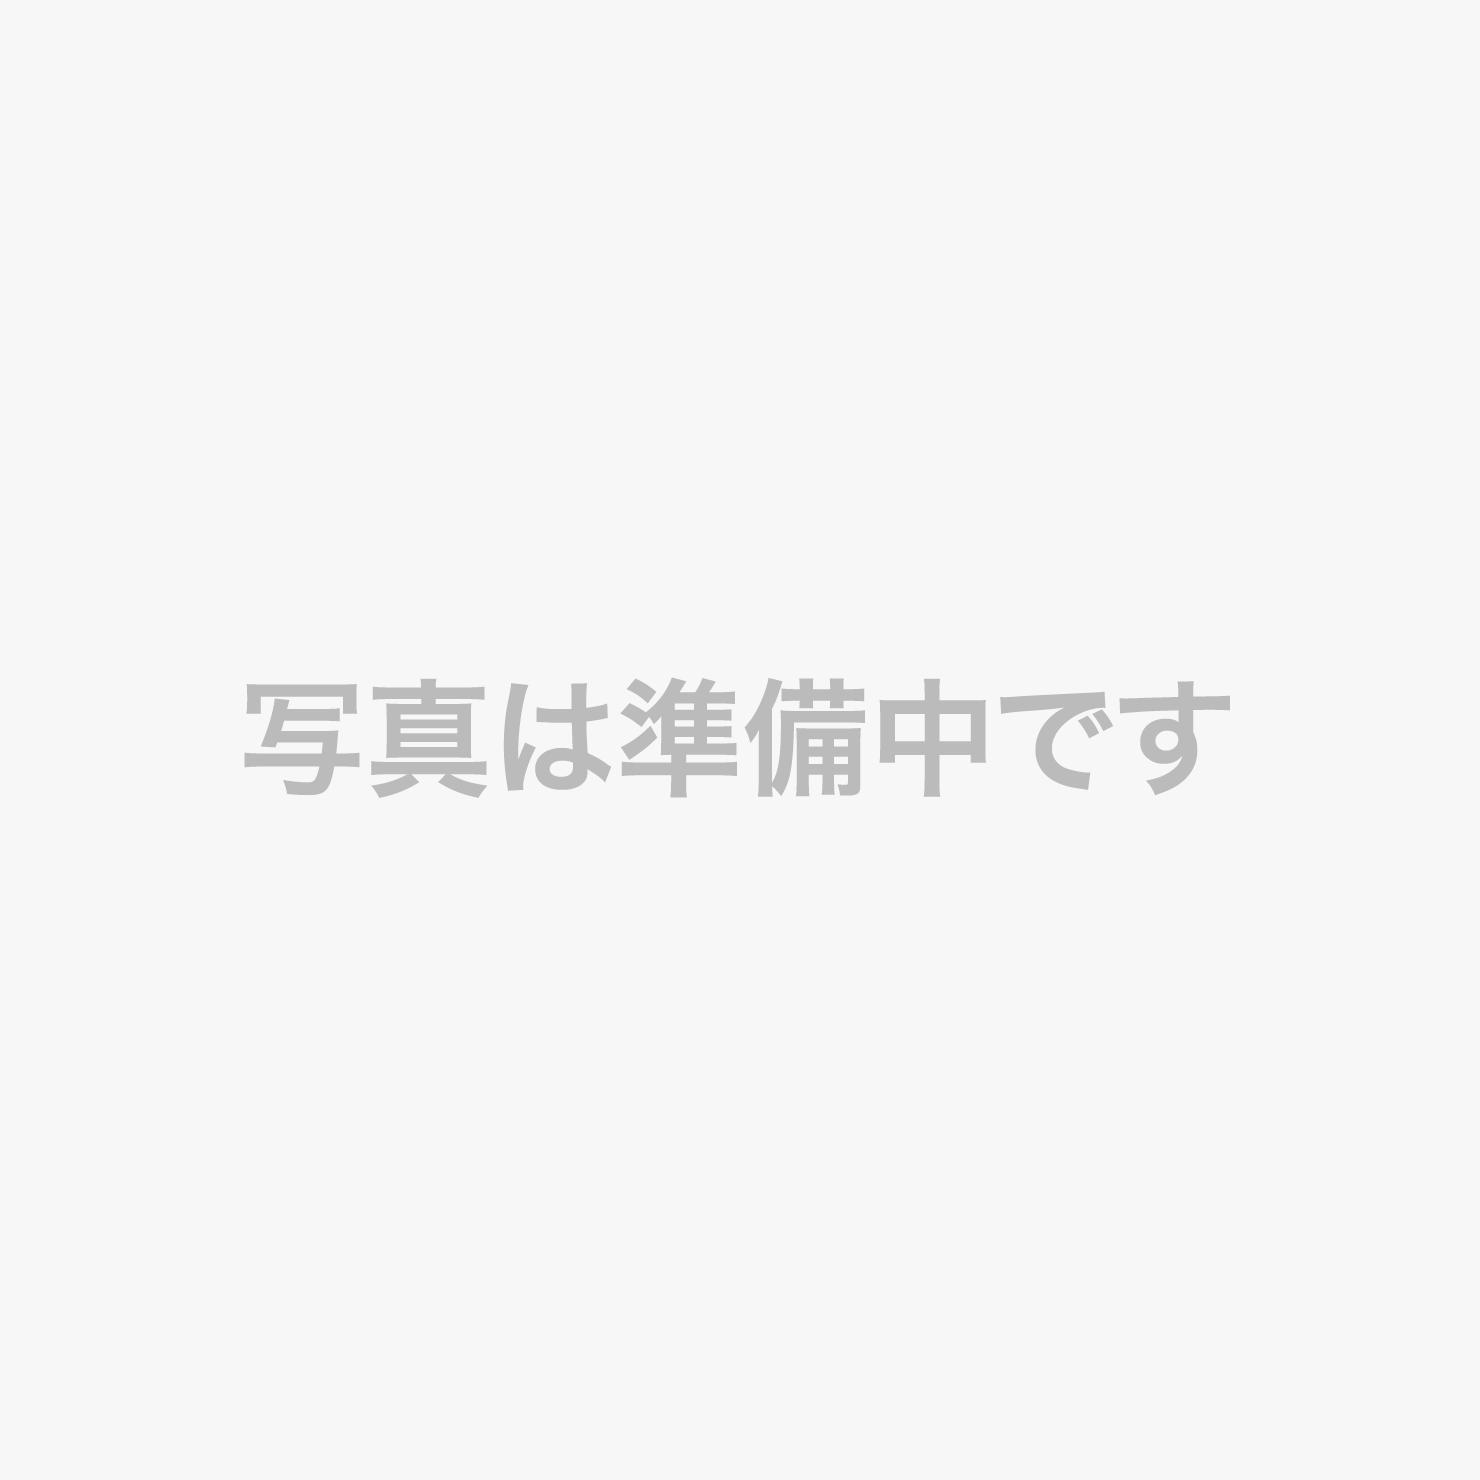 ◇最上階まで9階層吹き抜けになった、開放感あふれるアトリウムロビー(イメージ)